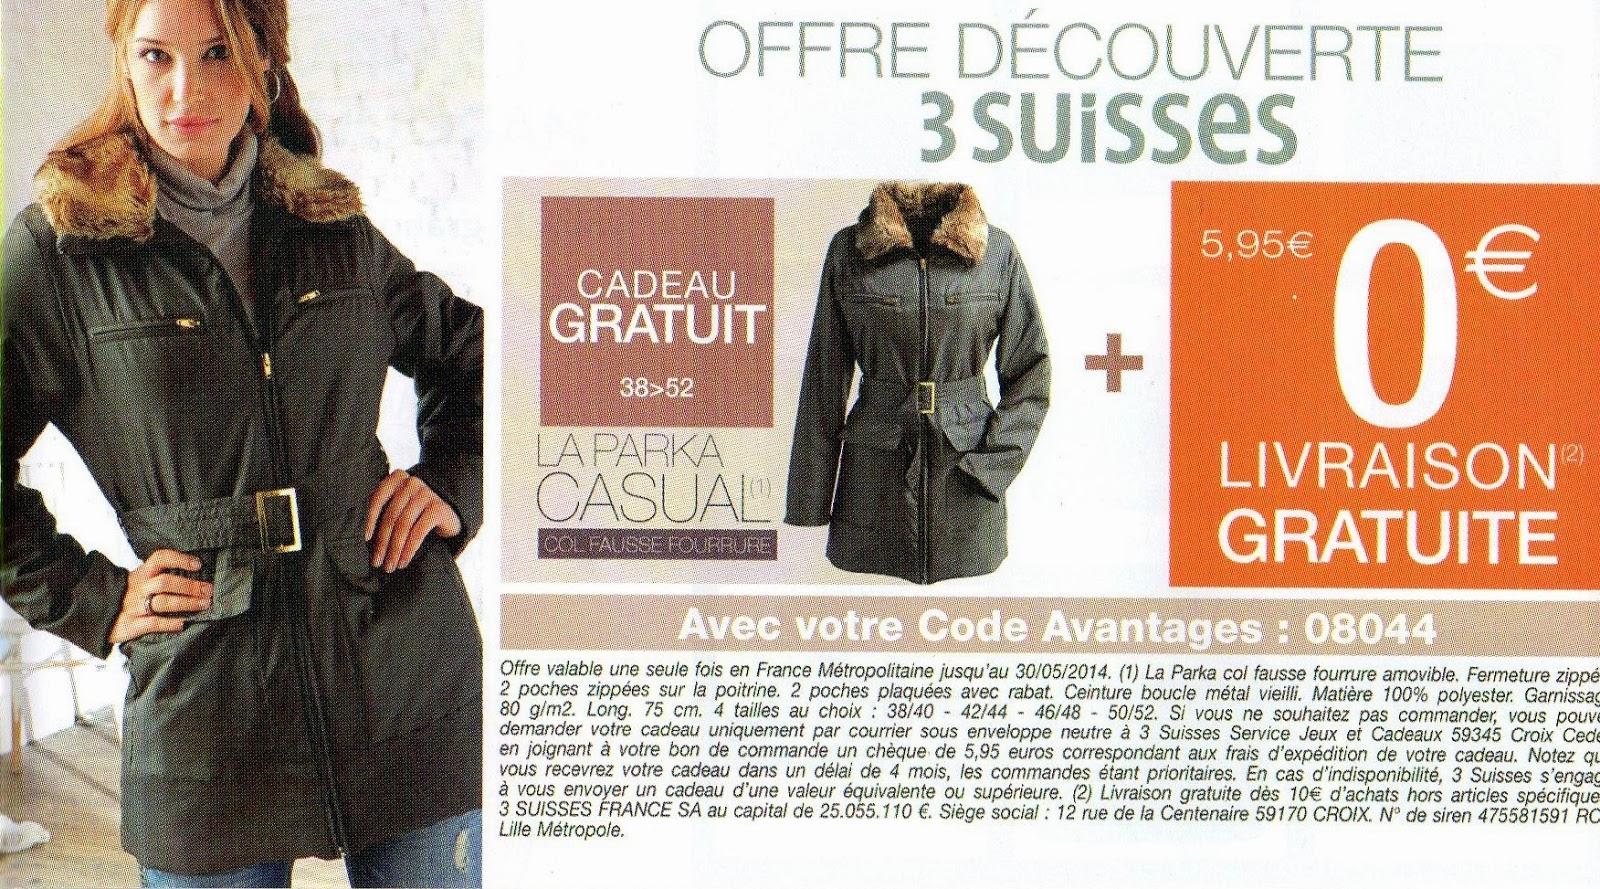 Les bonnes affaires de lacuna 3 suisses cadeau et - Code livraison gratuite amazon ...